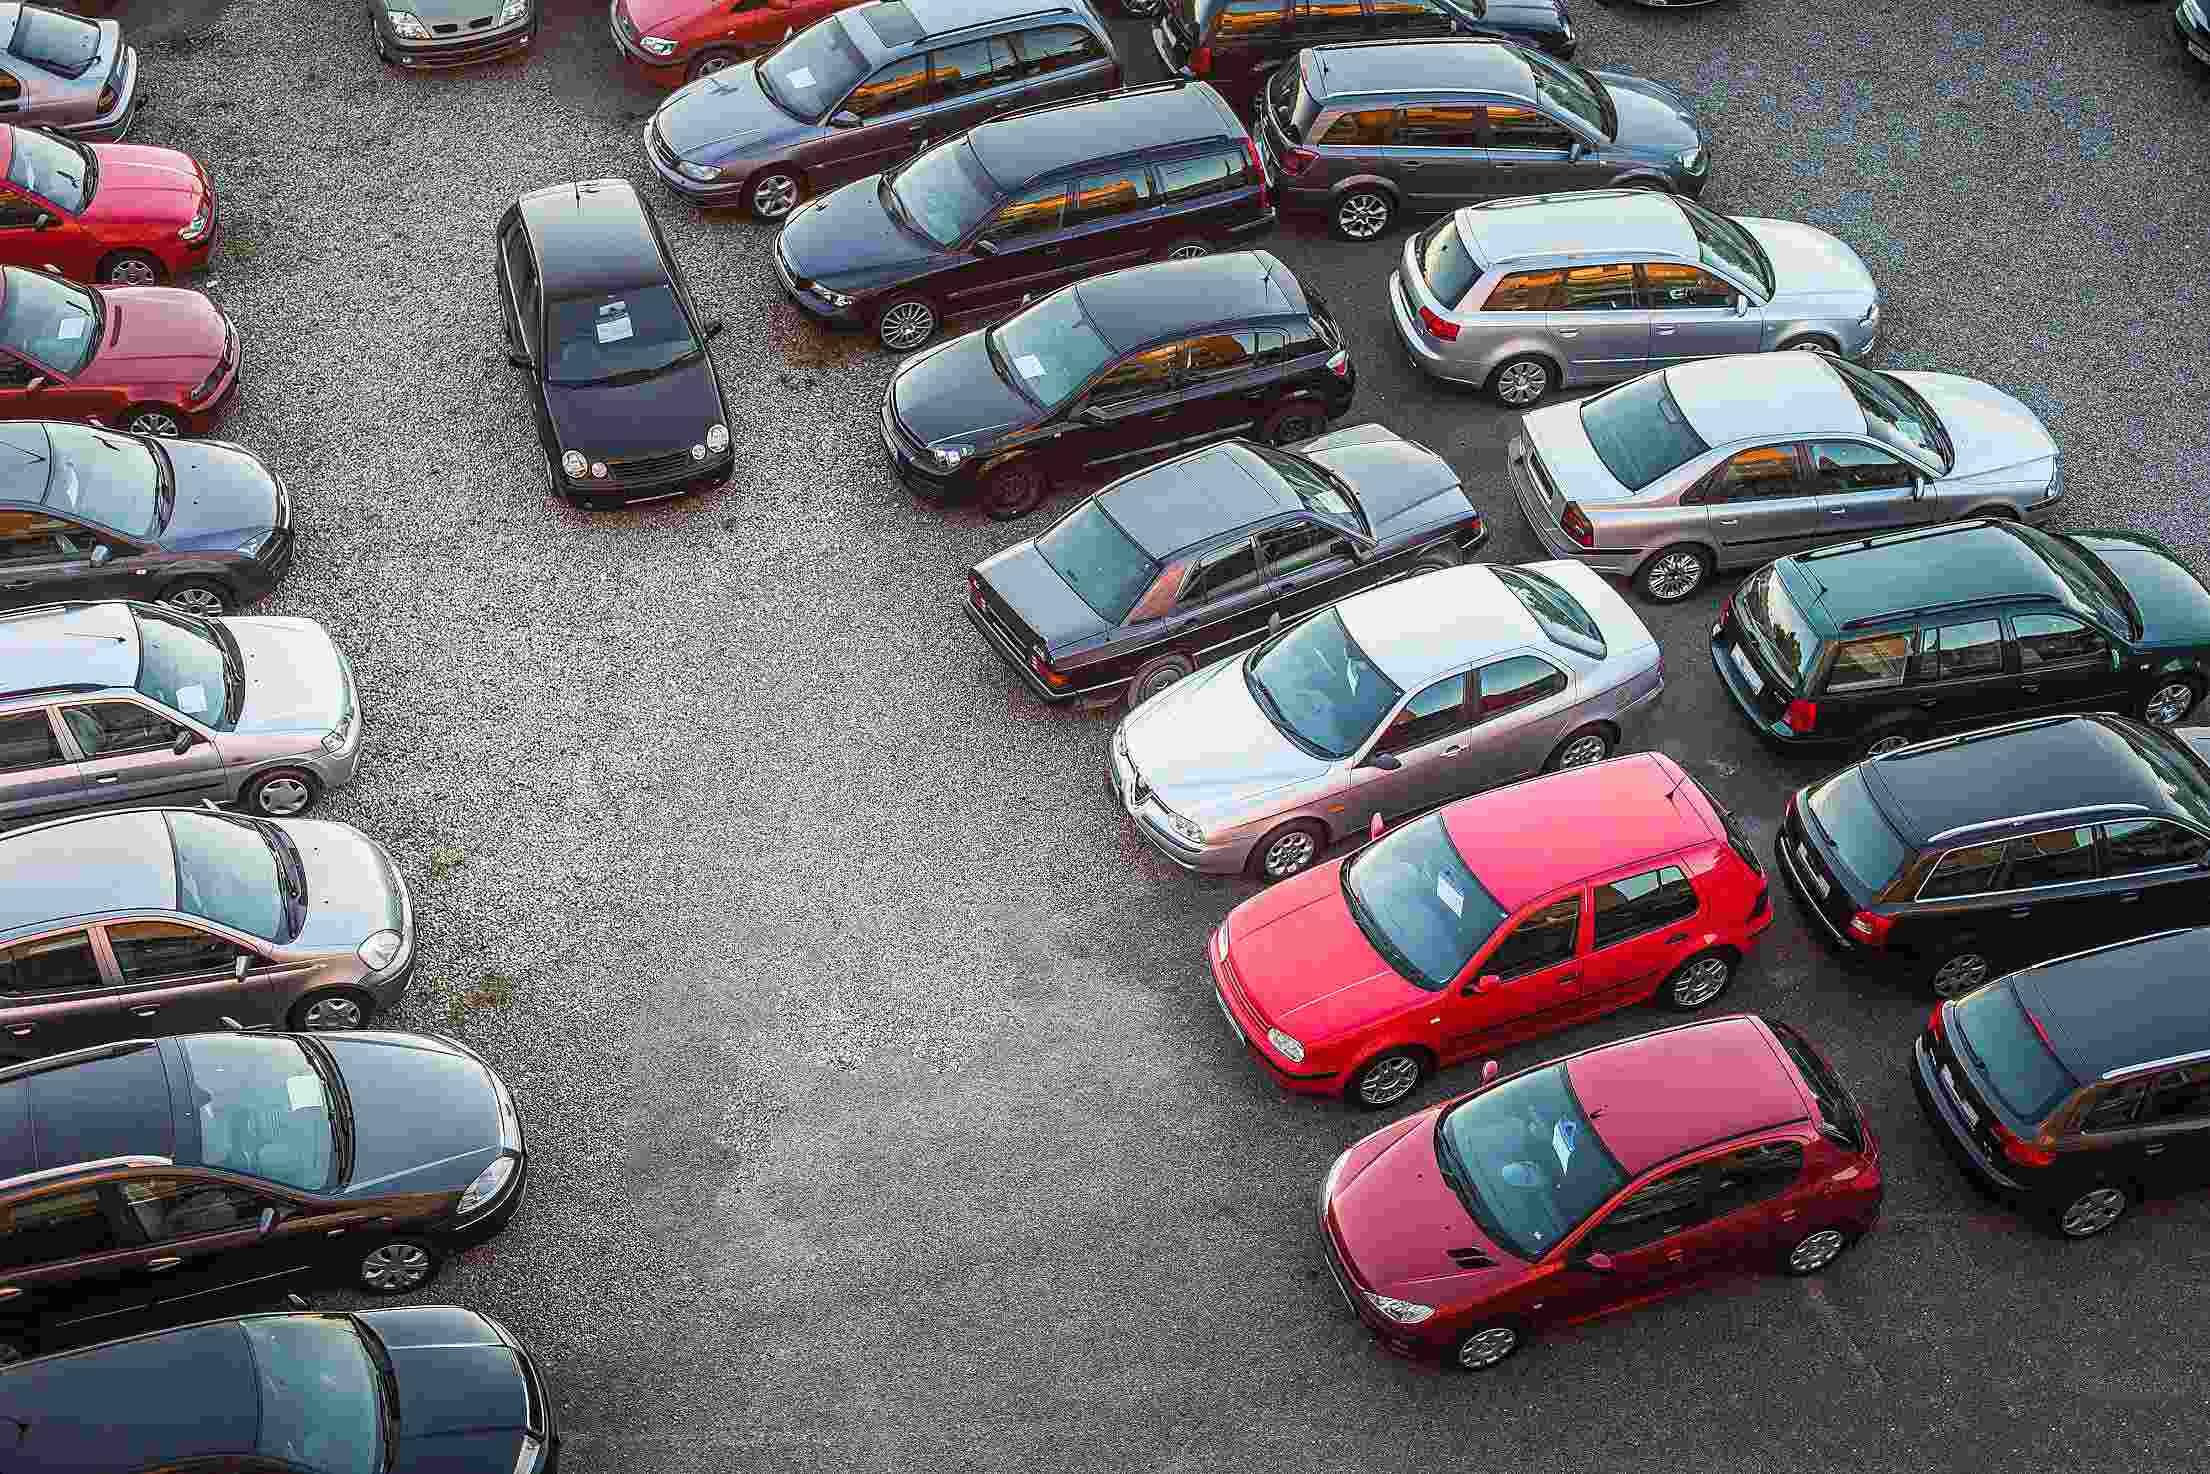 2. 在韓國幾乎不會看到彩色的汽車,一般都以黑色、銀色為主,韓國人都討厭突出的顏色。